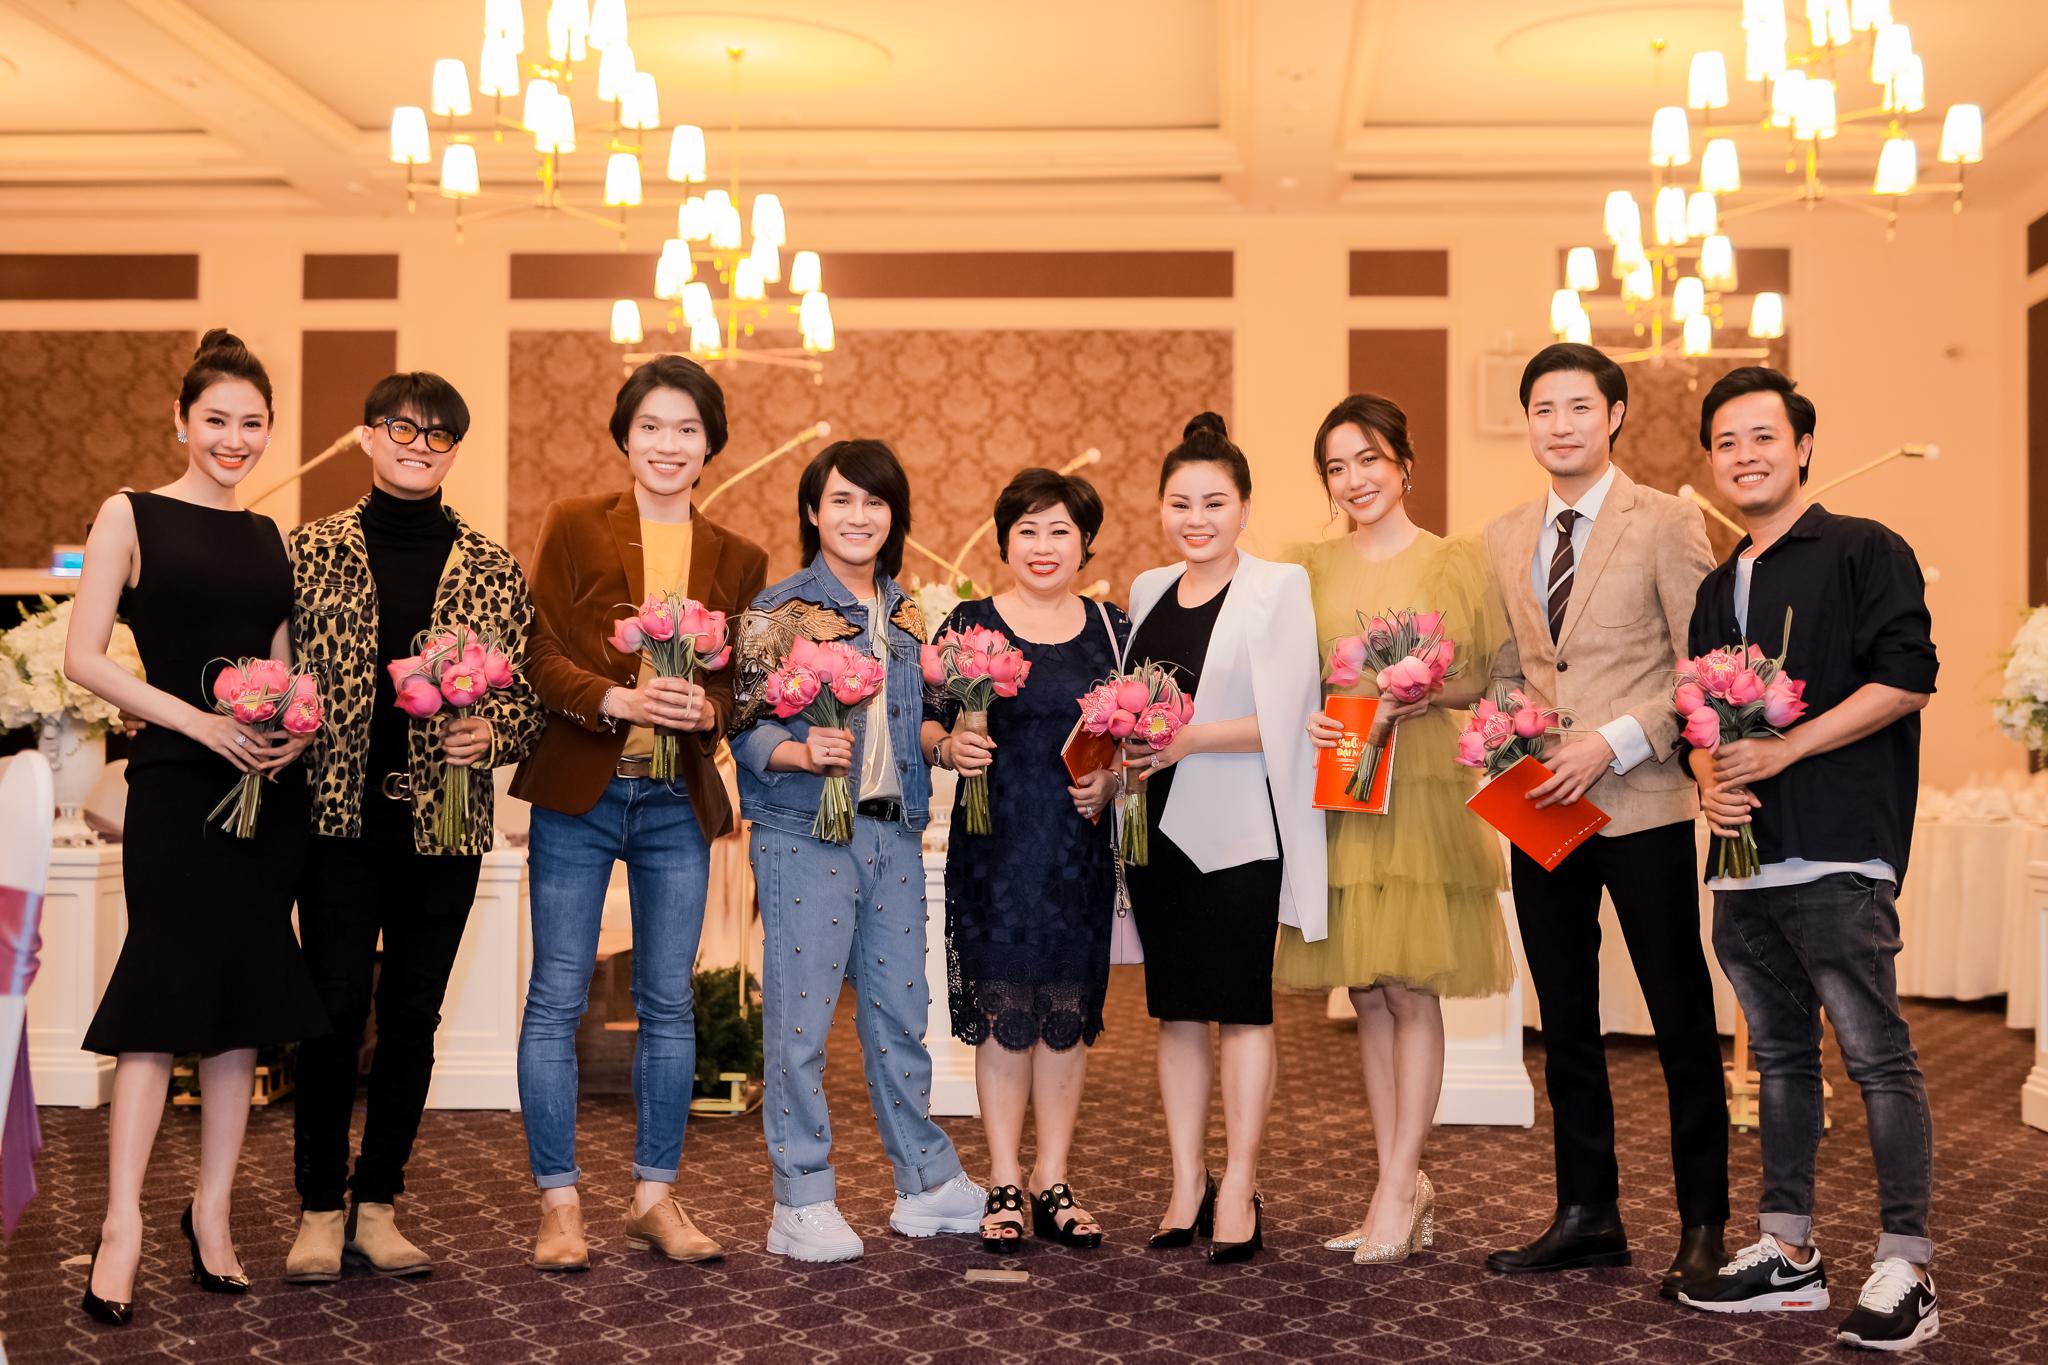 Huỳnh Lập – Quang Trung hoang mang về giới tính thật trong phim Tết - 1